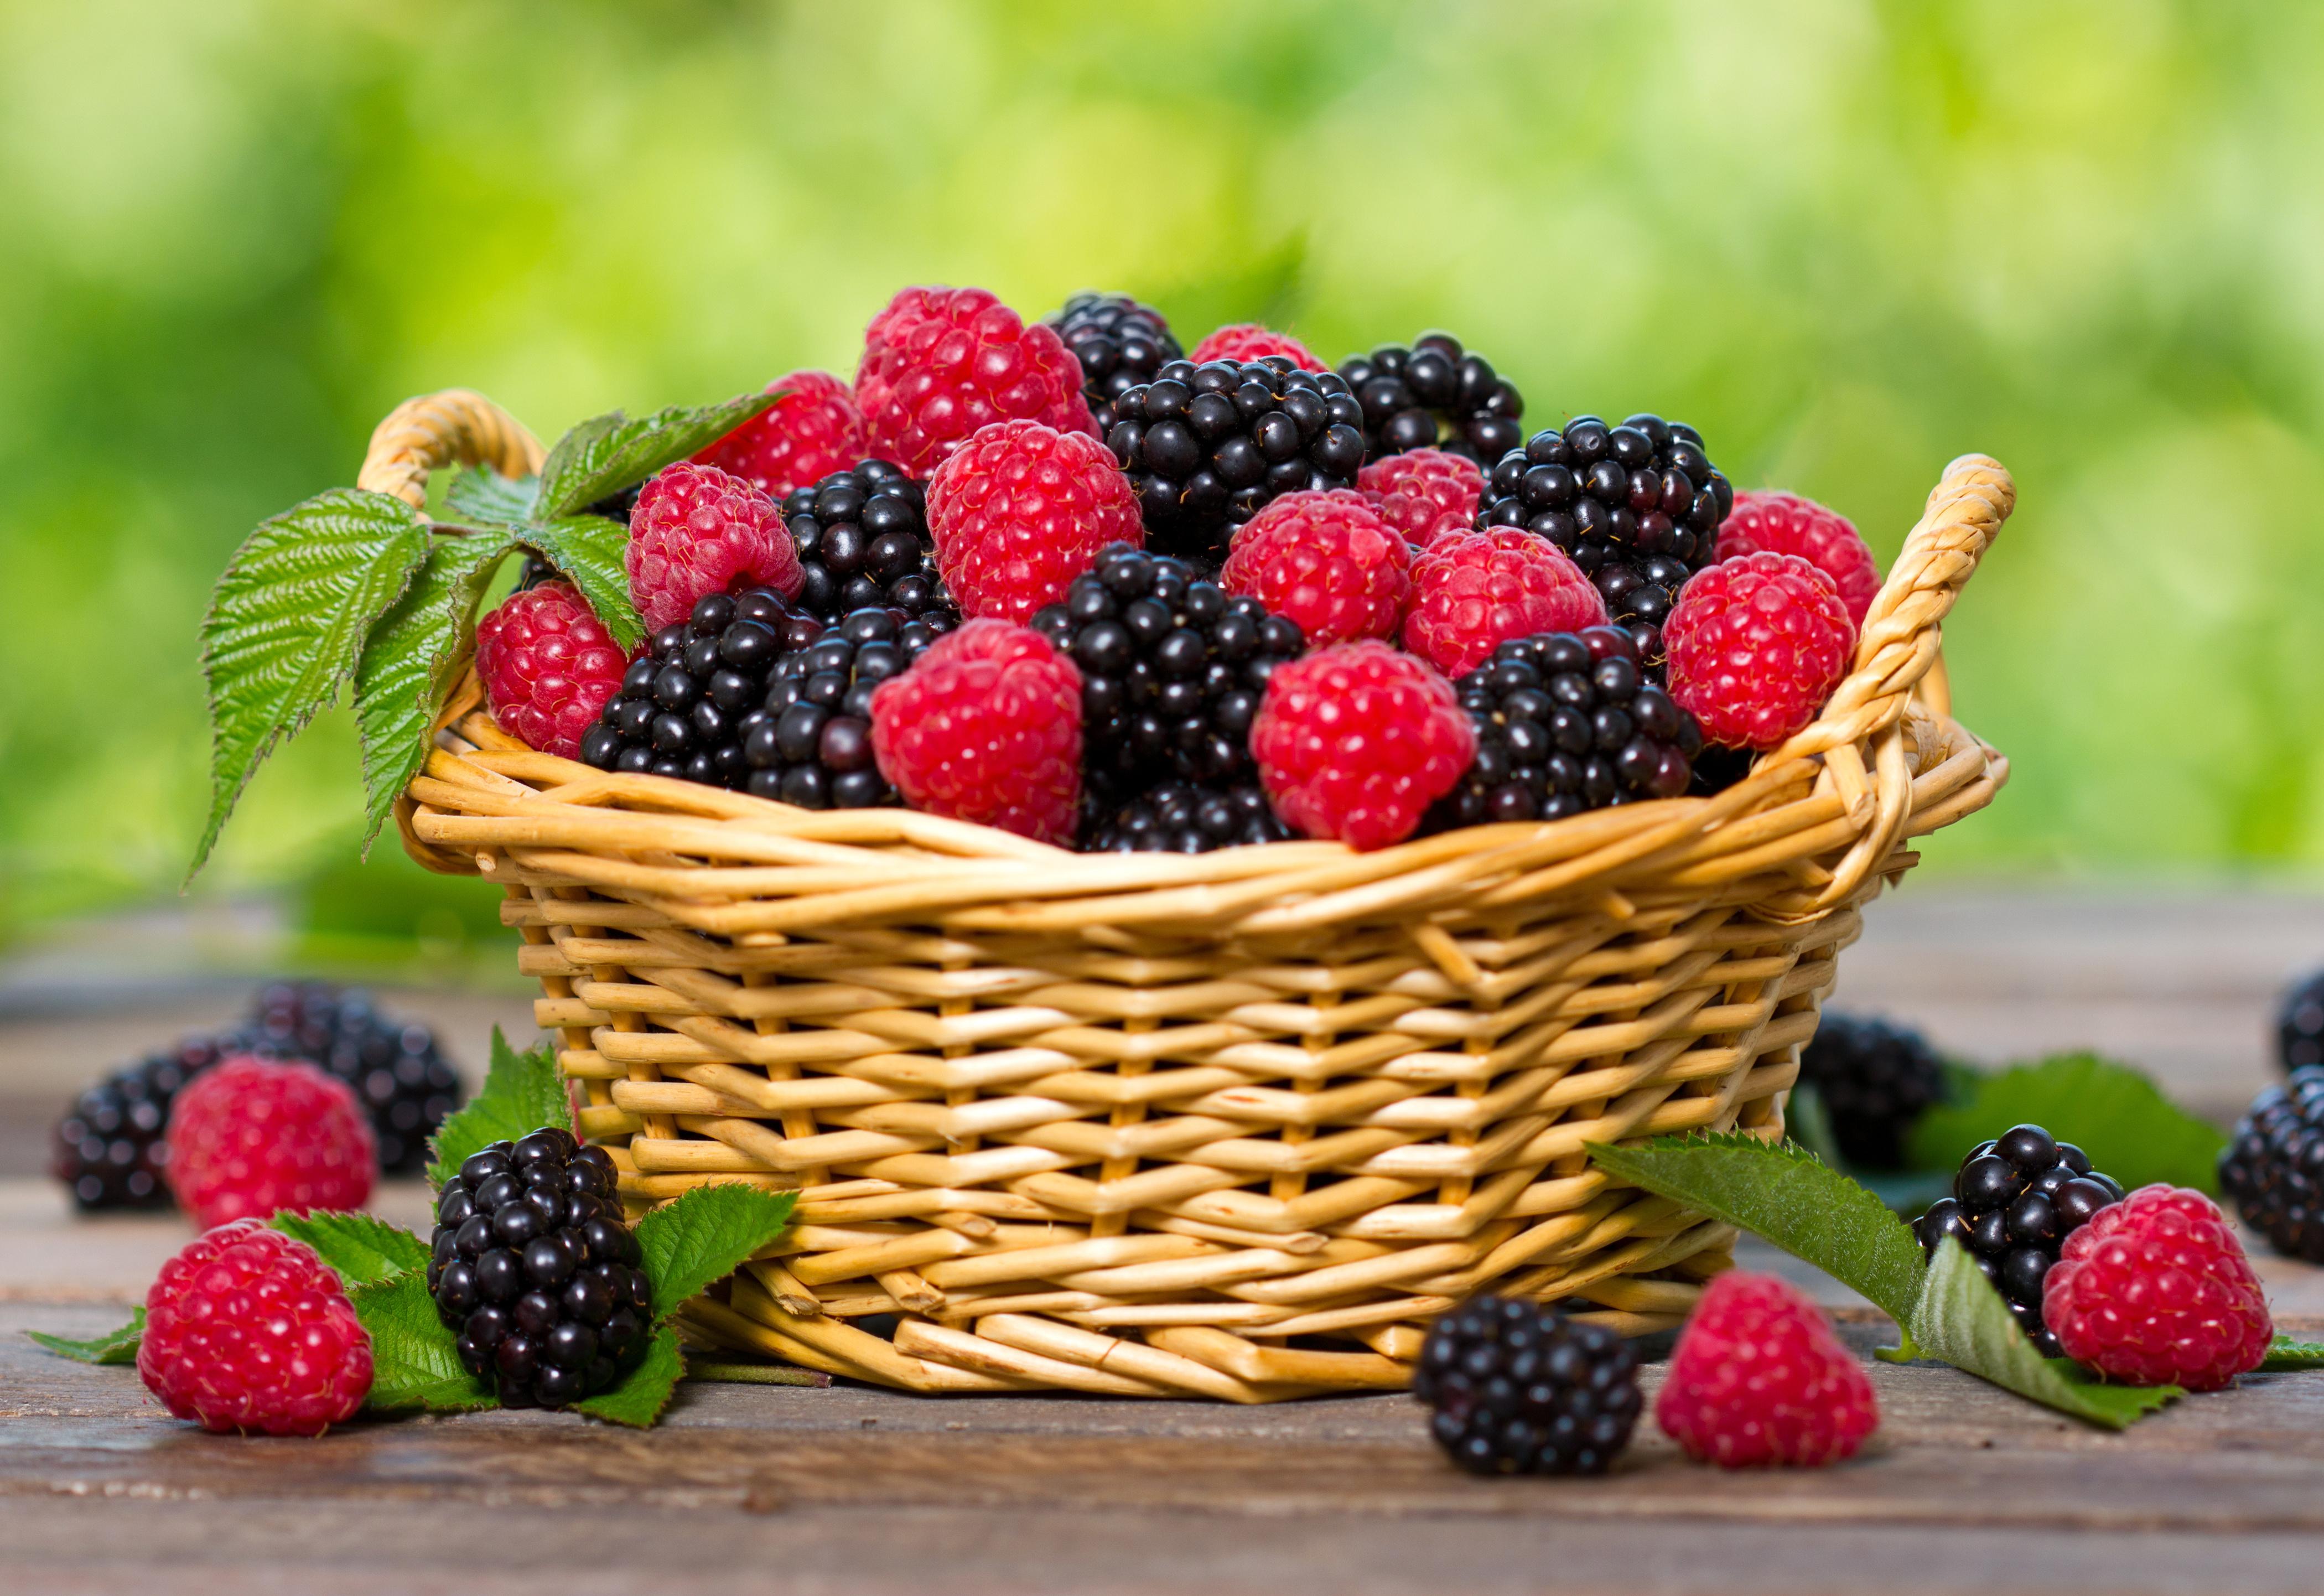 красивые фотографии лета с ягодами пришло время